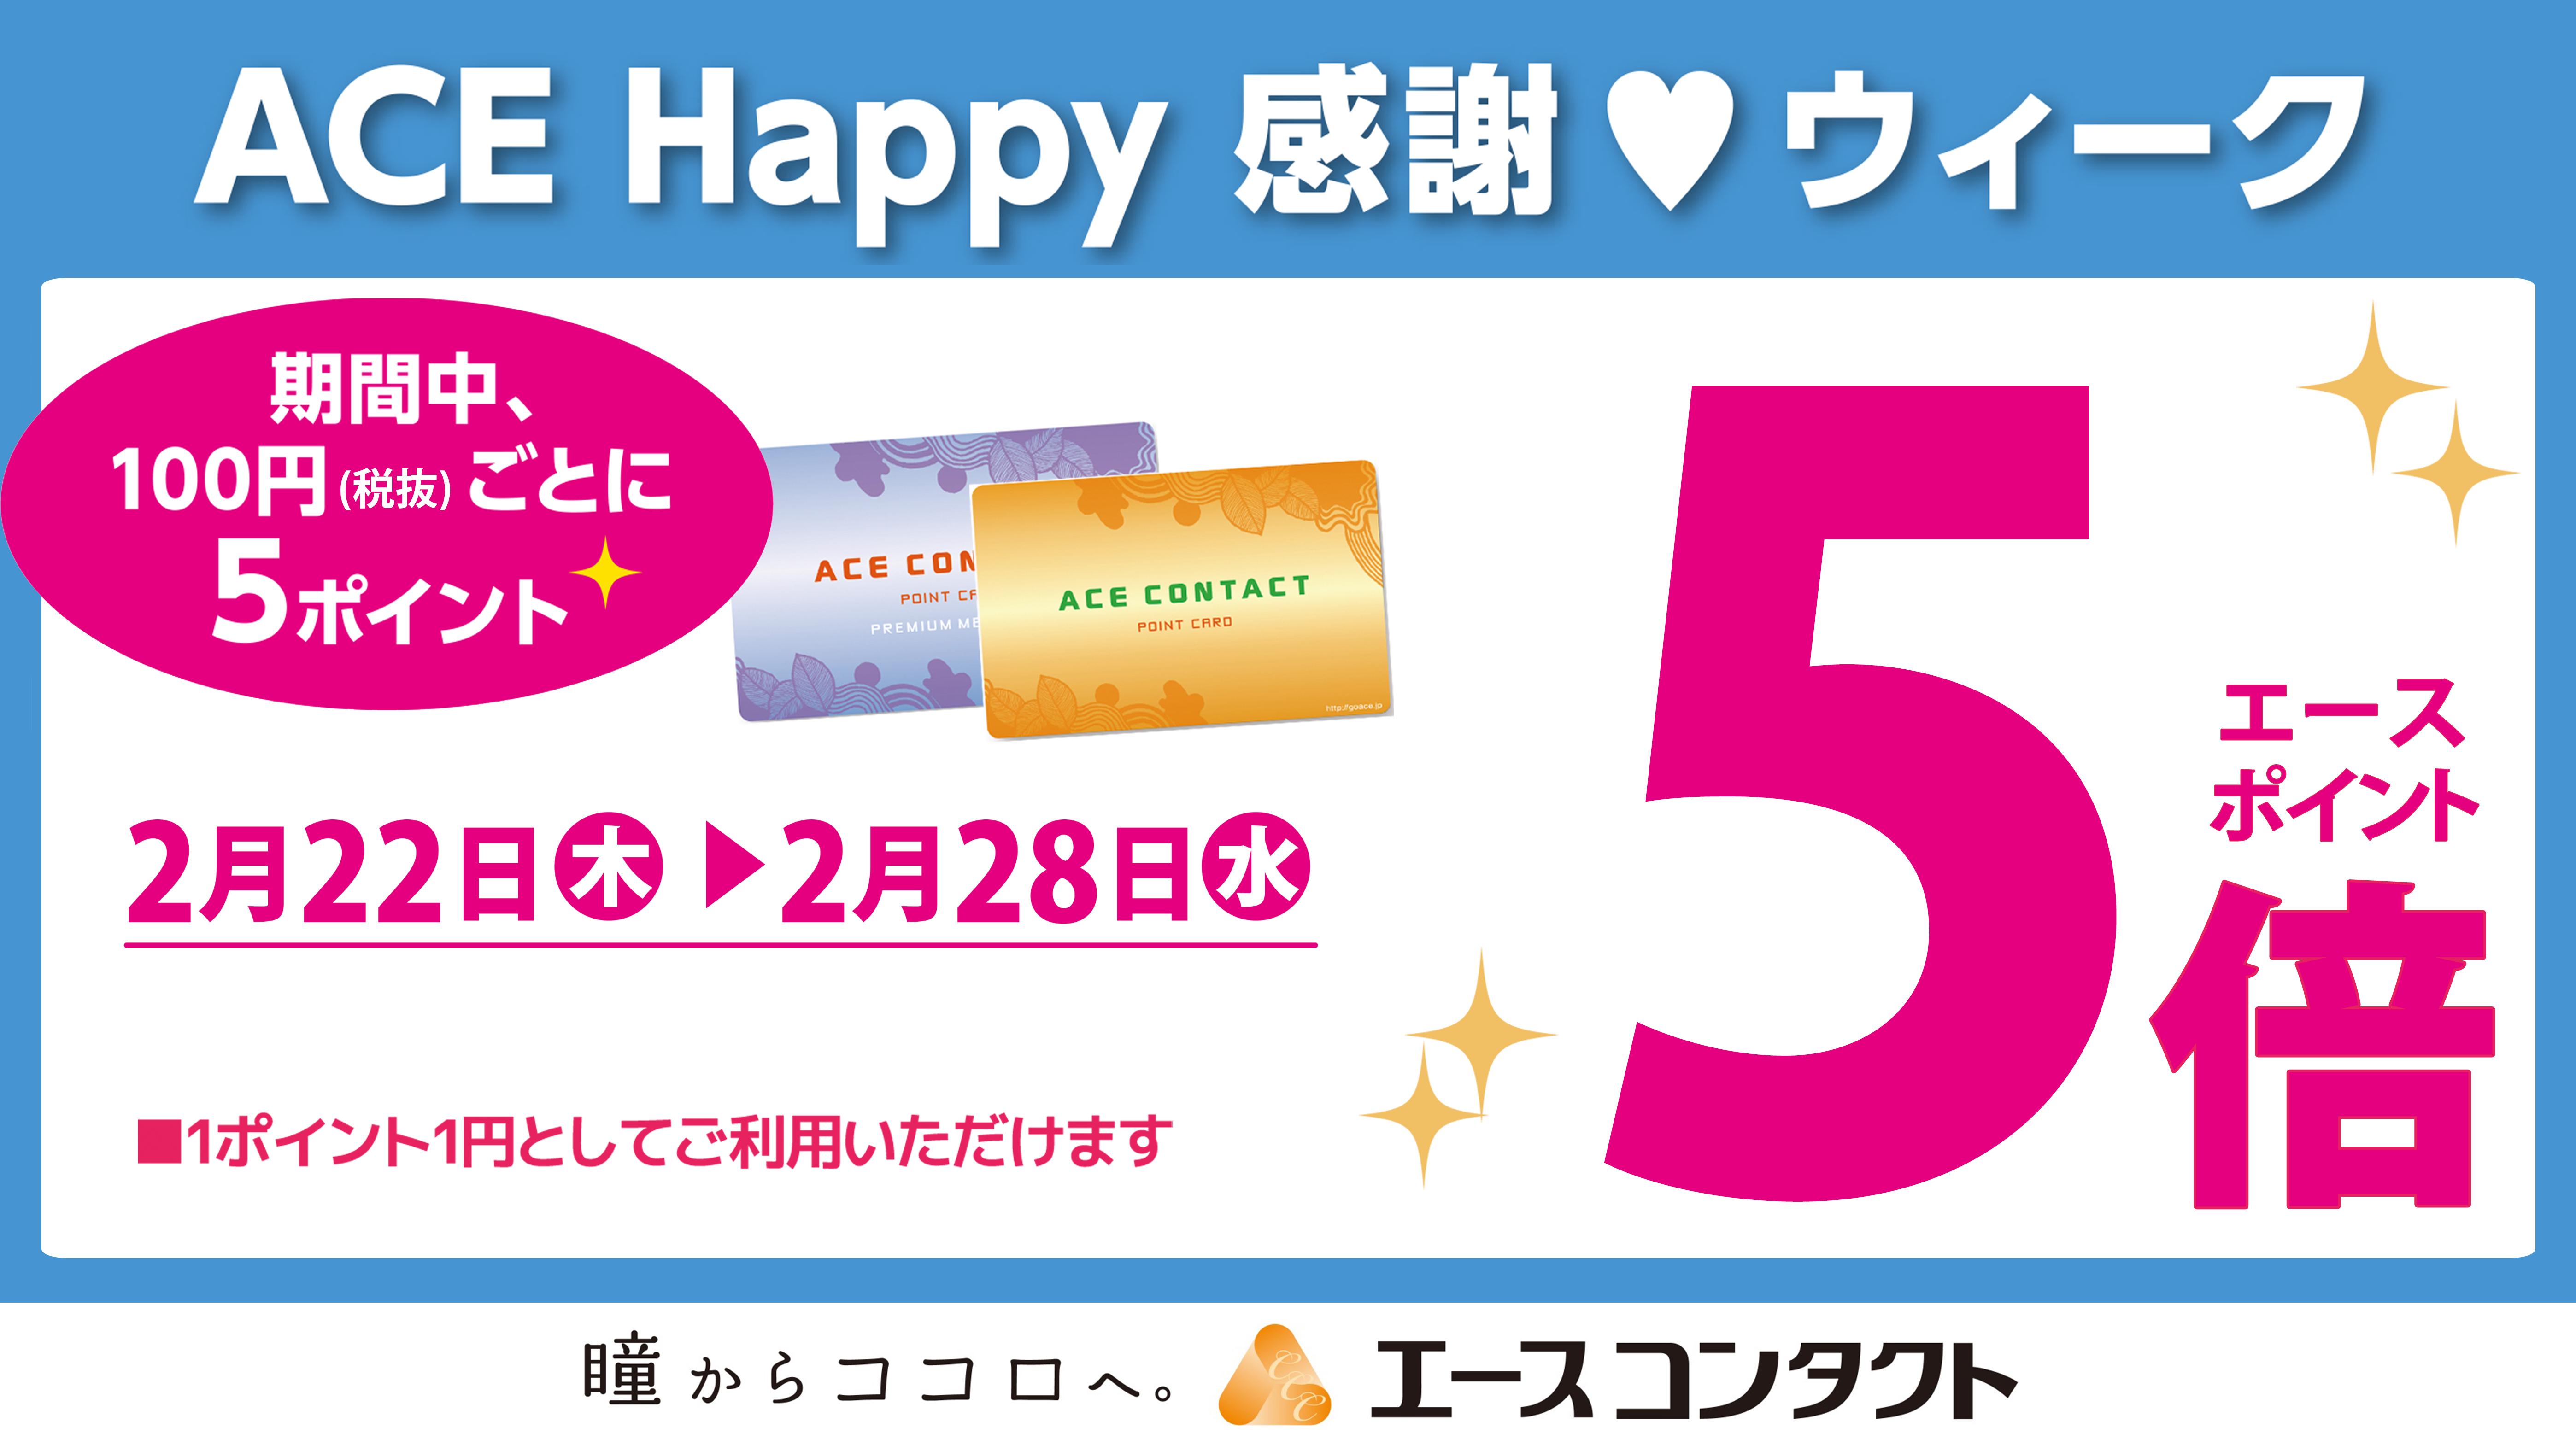 ACE Happy 感謝ウィーク!!